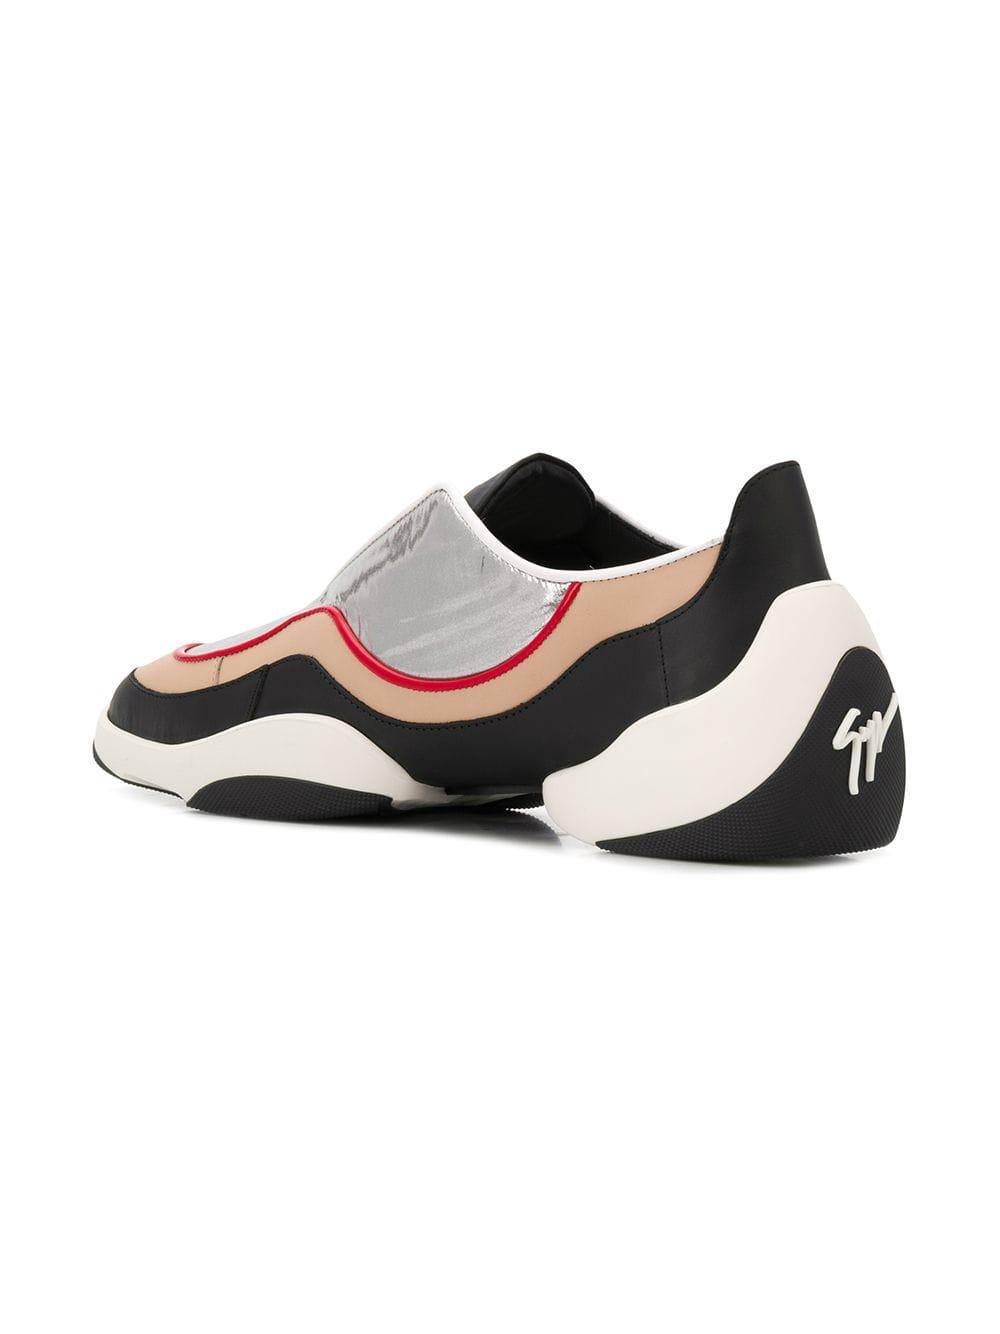 d42e3992704b Lyst - Giuseppe Zanotti Lightjump Lts2 Sneakers in Black for Men